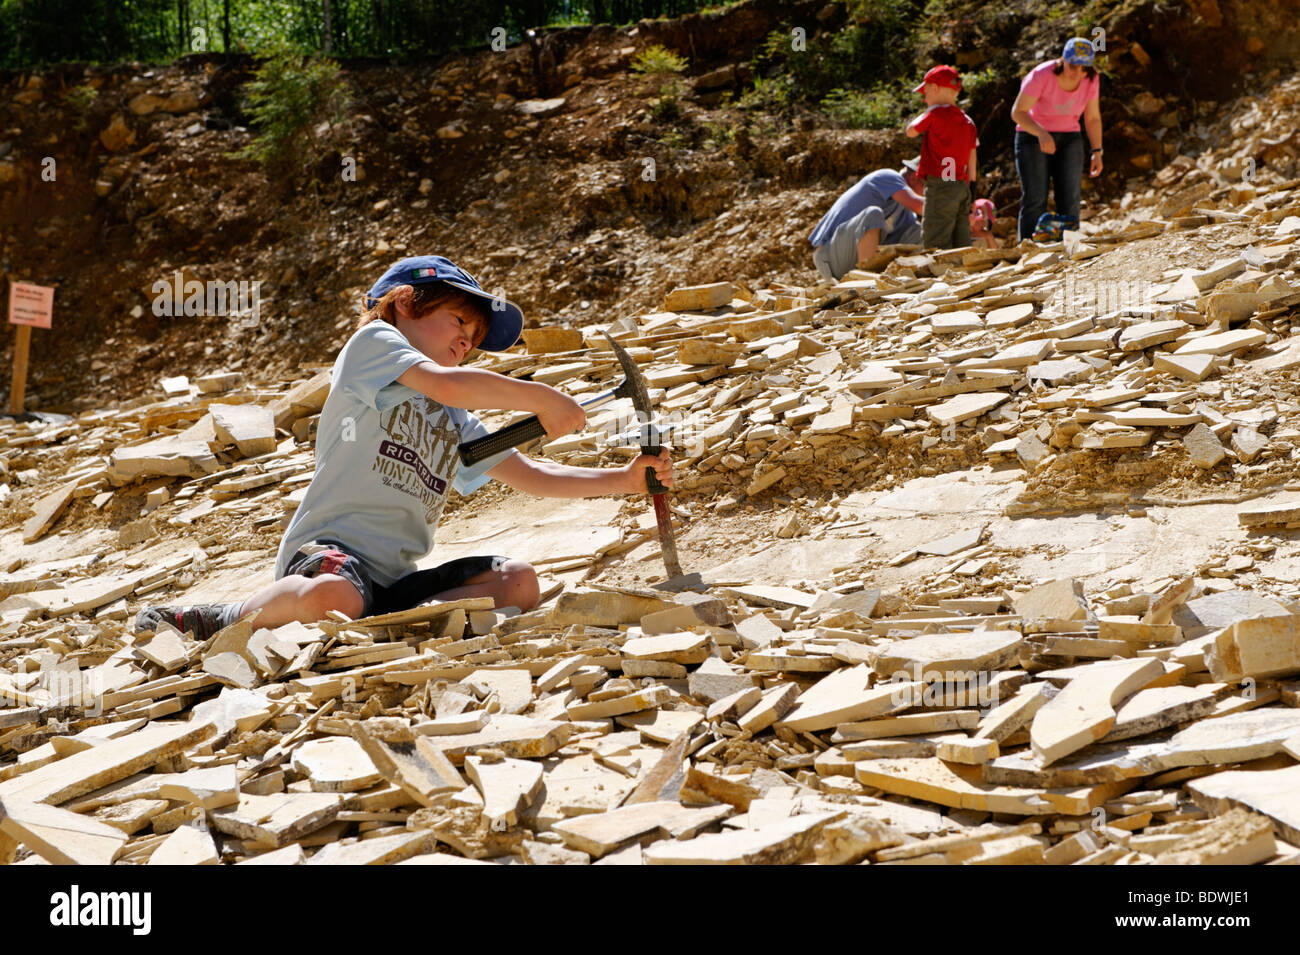 Área de búsqueda de fósiles, la cantera de piedra caliza para la afición colectores de fósiles Imagen De Stock